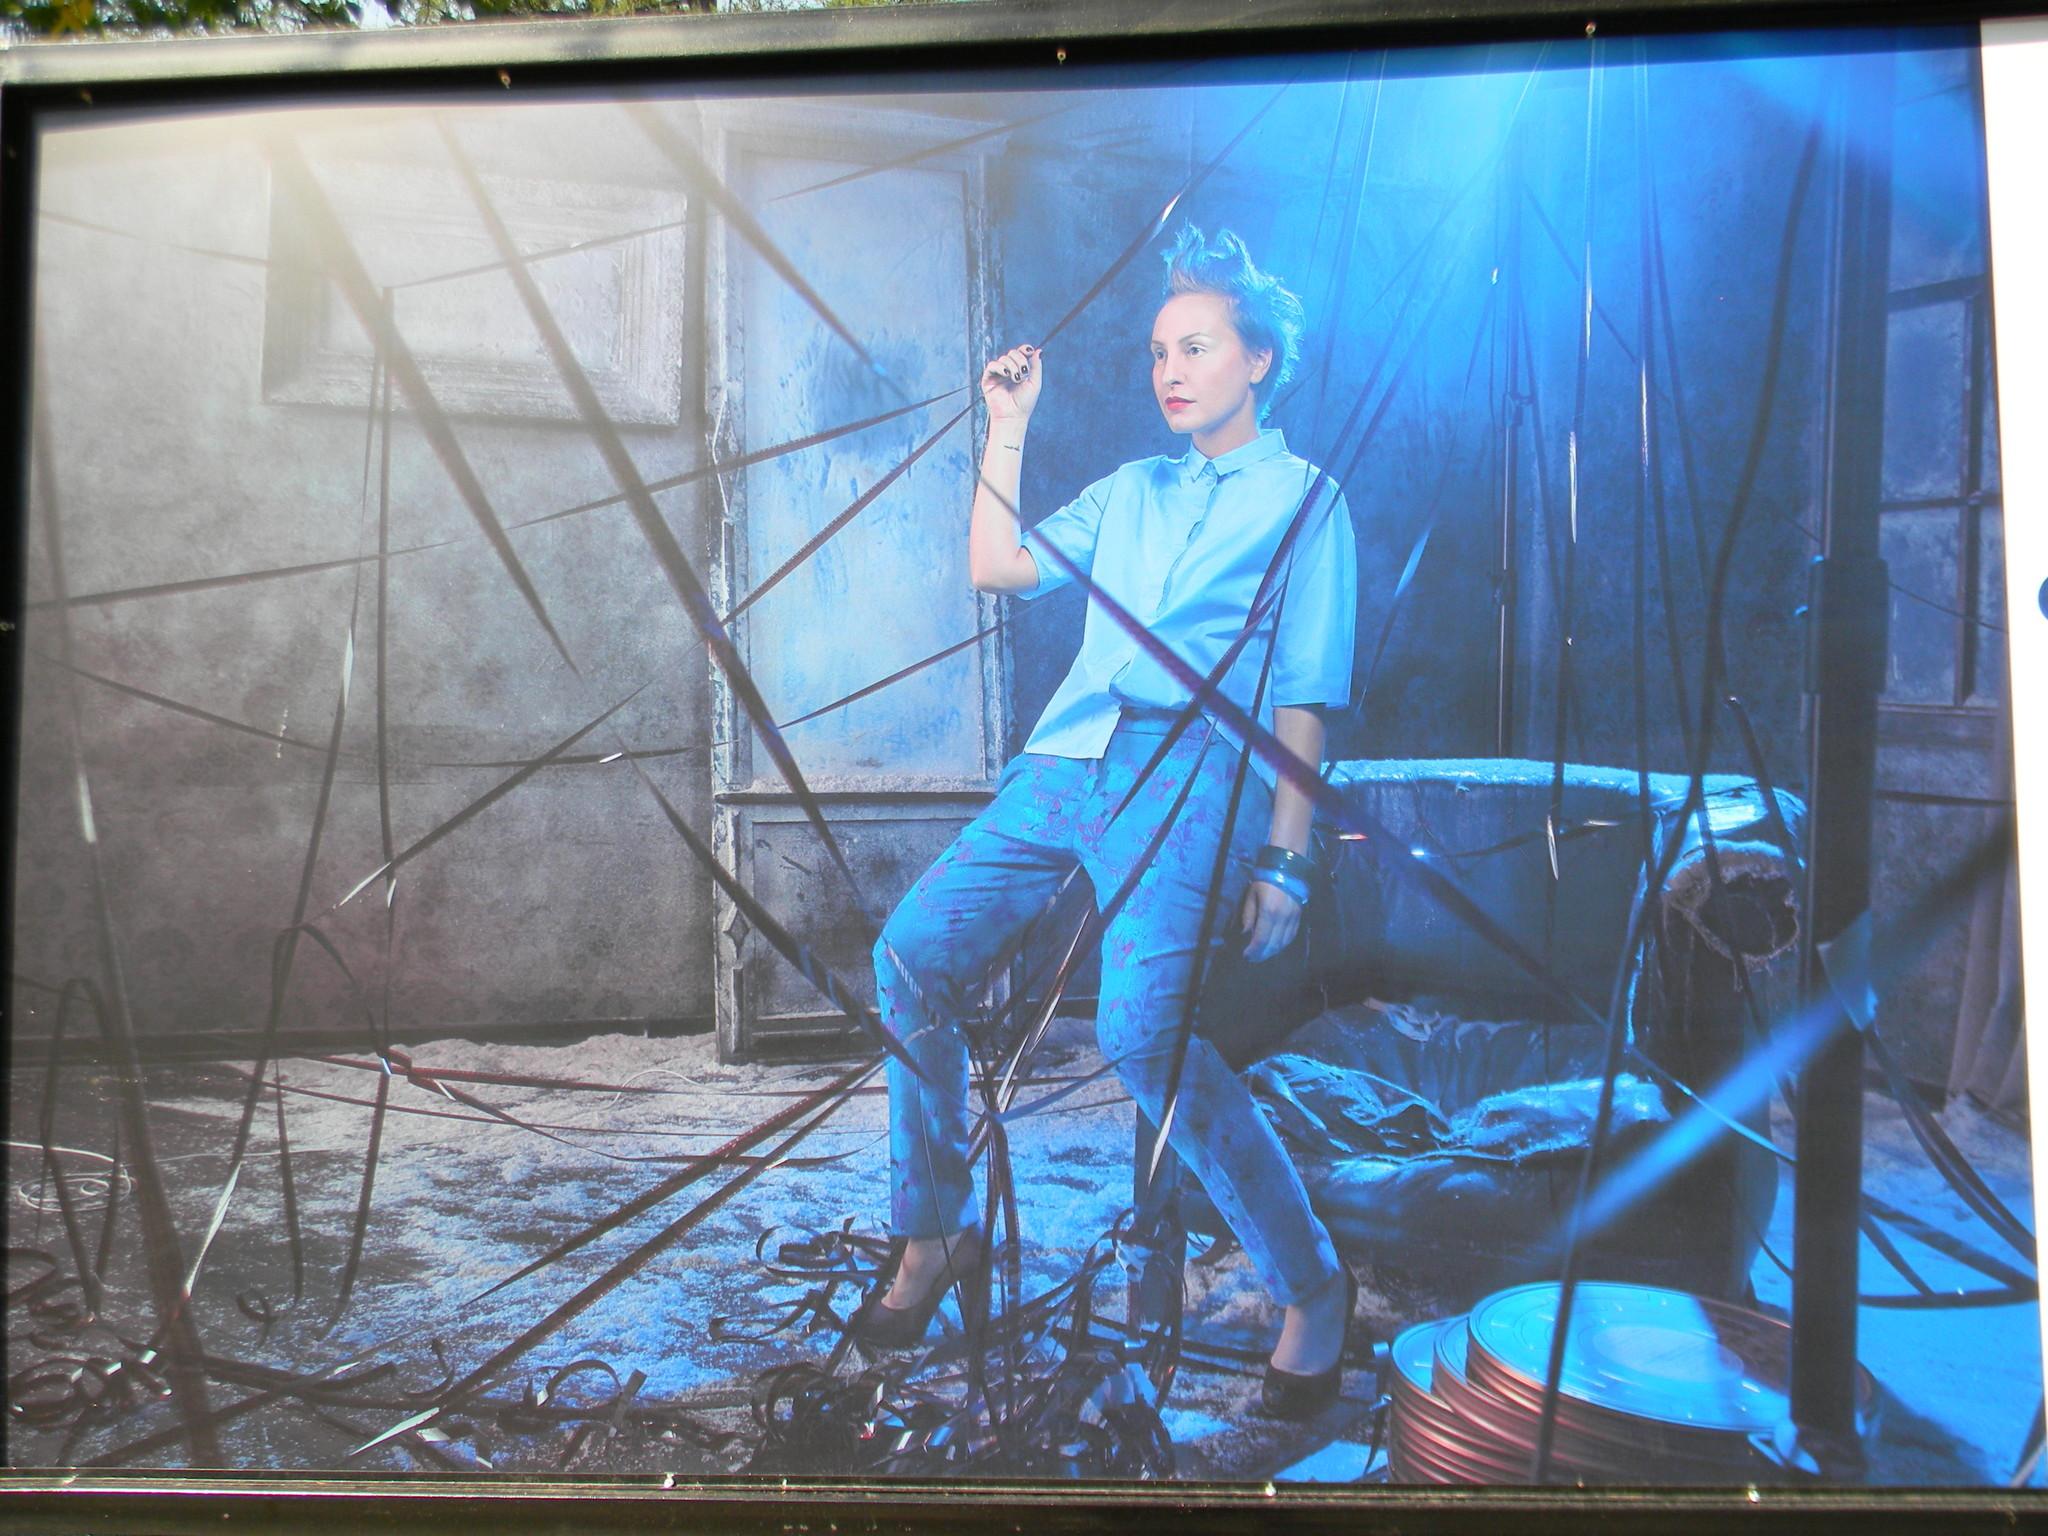 Режиссёр-клипмейкер Ирина Миронова (Фотограф: Ксения Большакова, визажист, стилист: Макс Аксаментов)